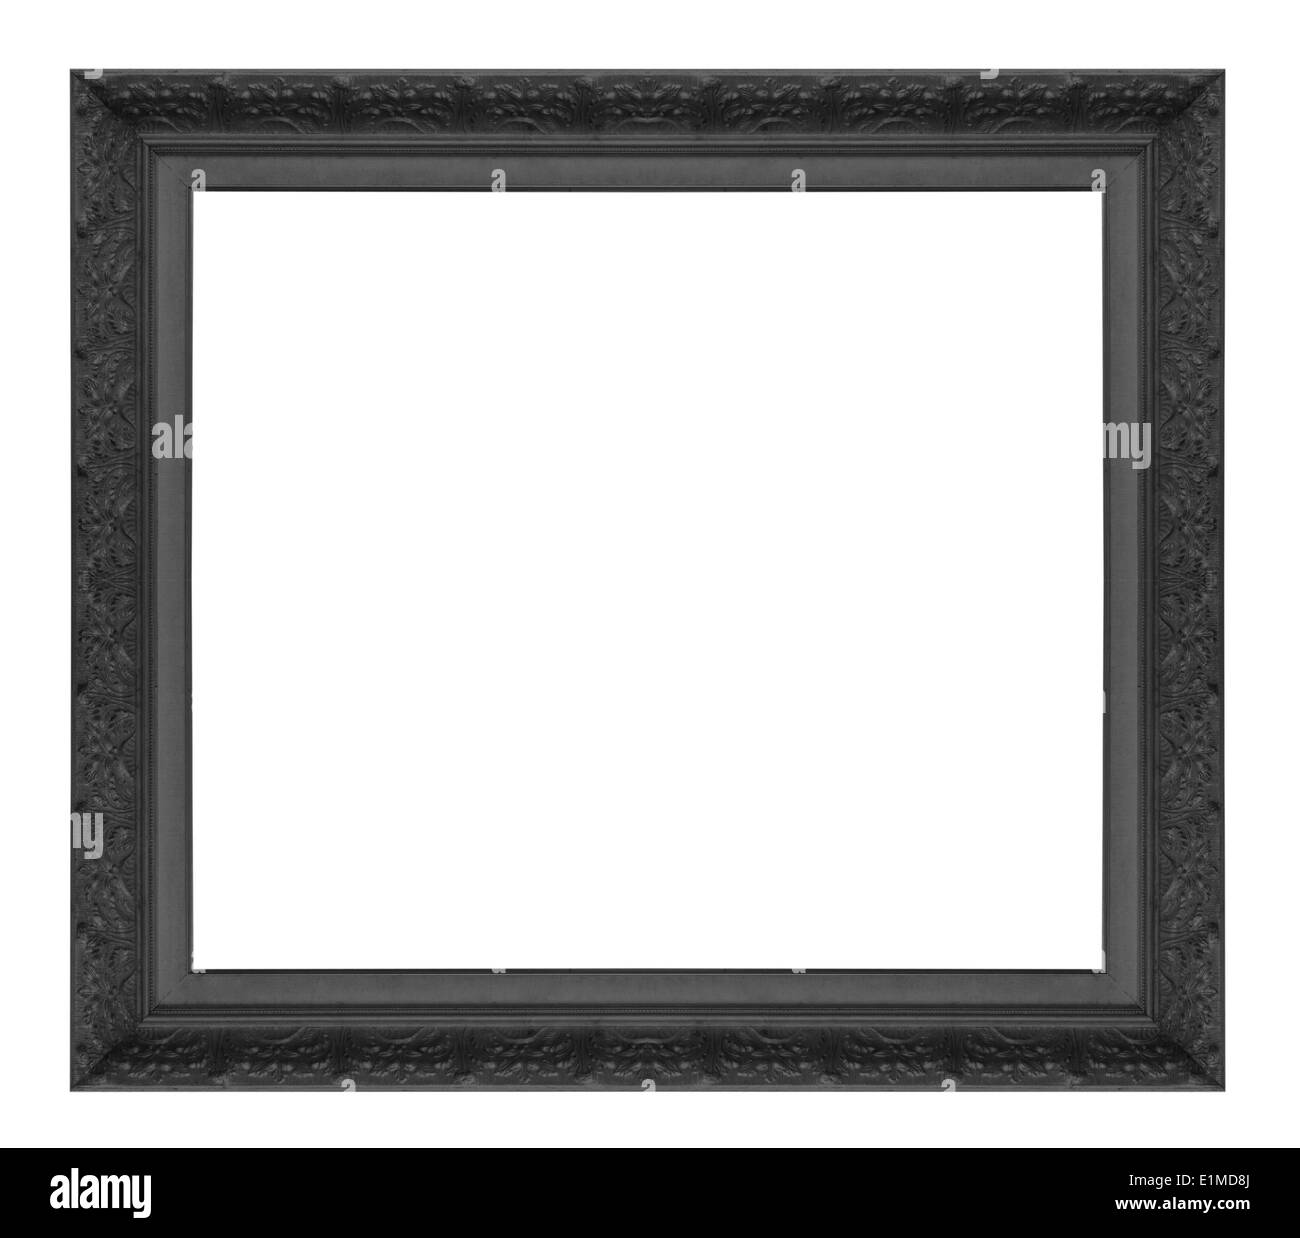 Antique black frame isolated on white background - Stock Image